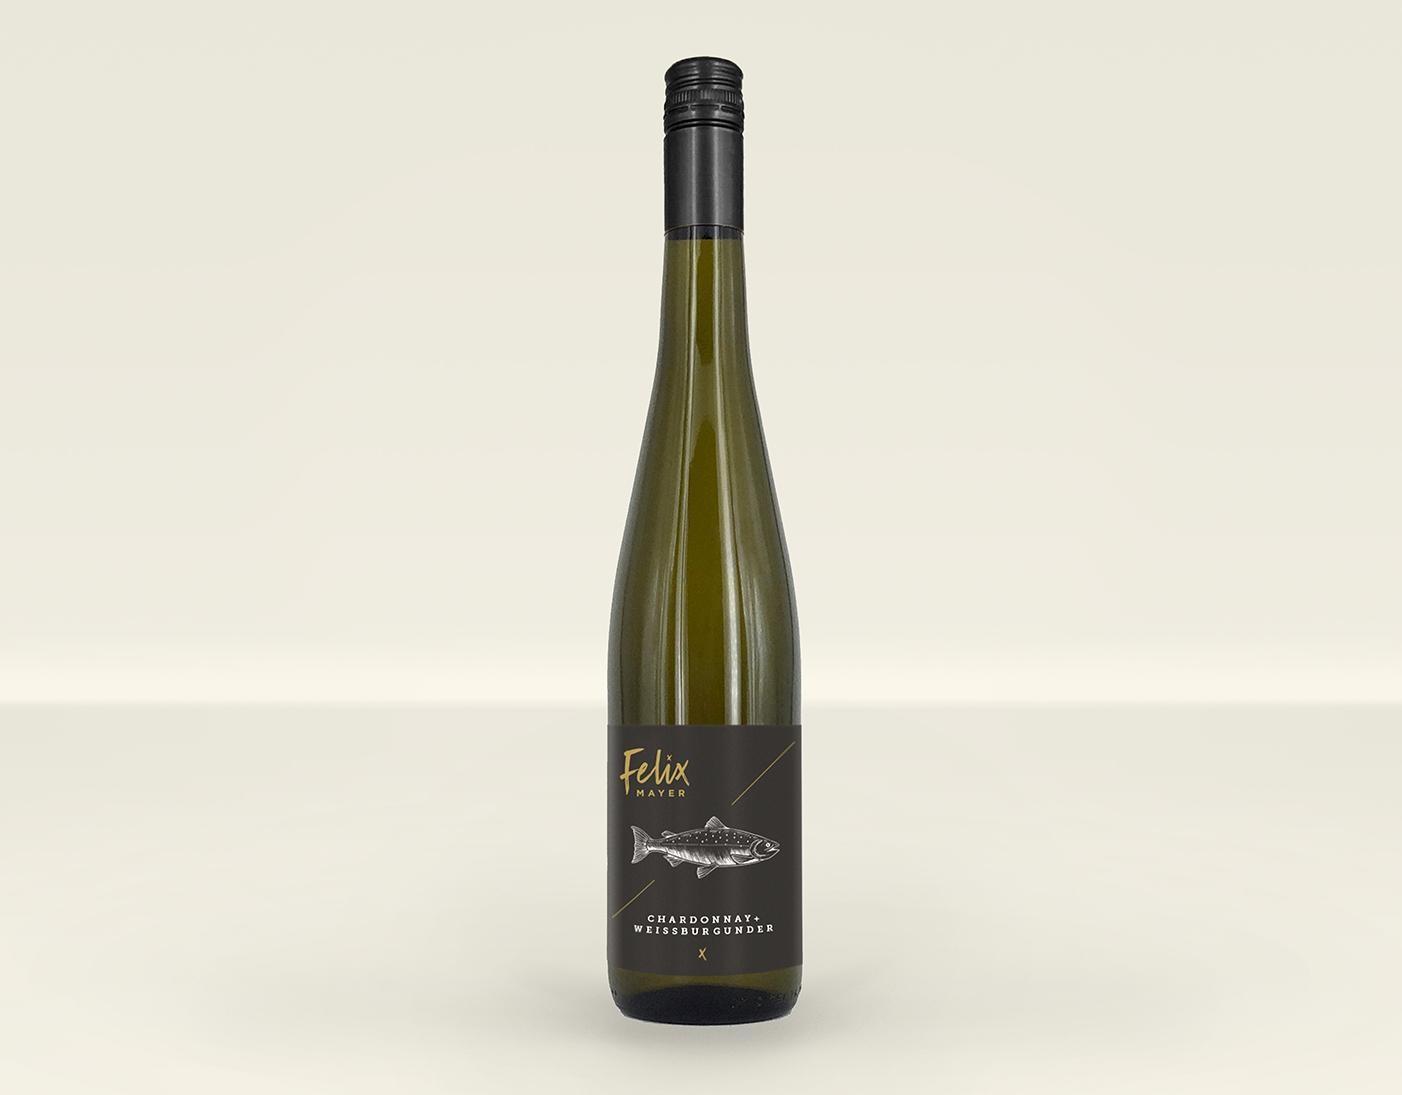 Felix Mayer »Chardonnay & Weissburgunder 2018« jetzt kaufen!